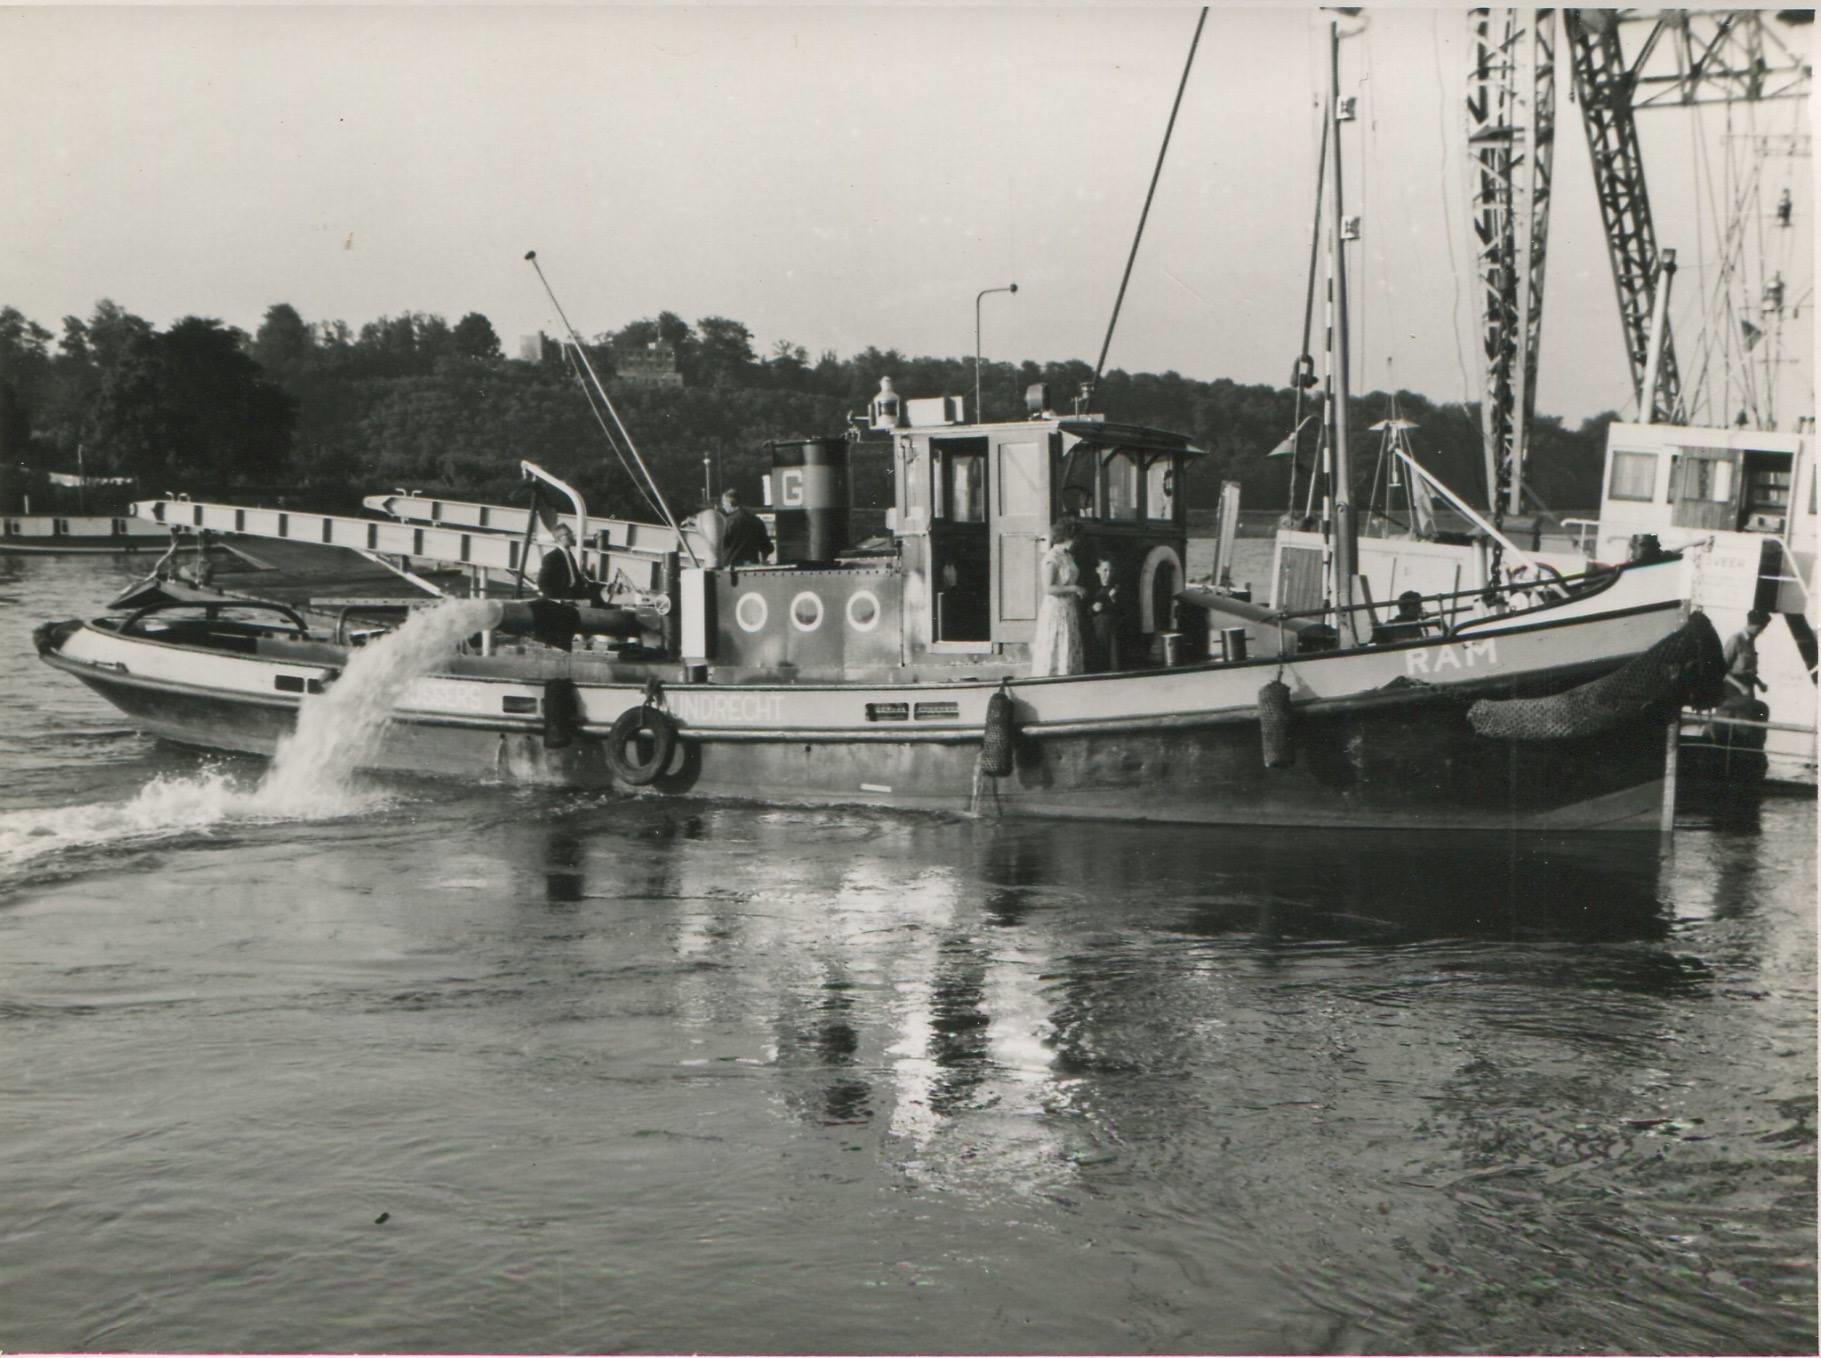 Schade--1957-foto--gemaakt-door-Jac-Rauws-ingezonden-door-Willem-Ruisch-Veerpont-Lexkesveer-Eageningen-Randwijk-1hade-